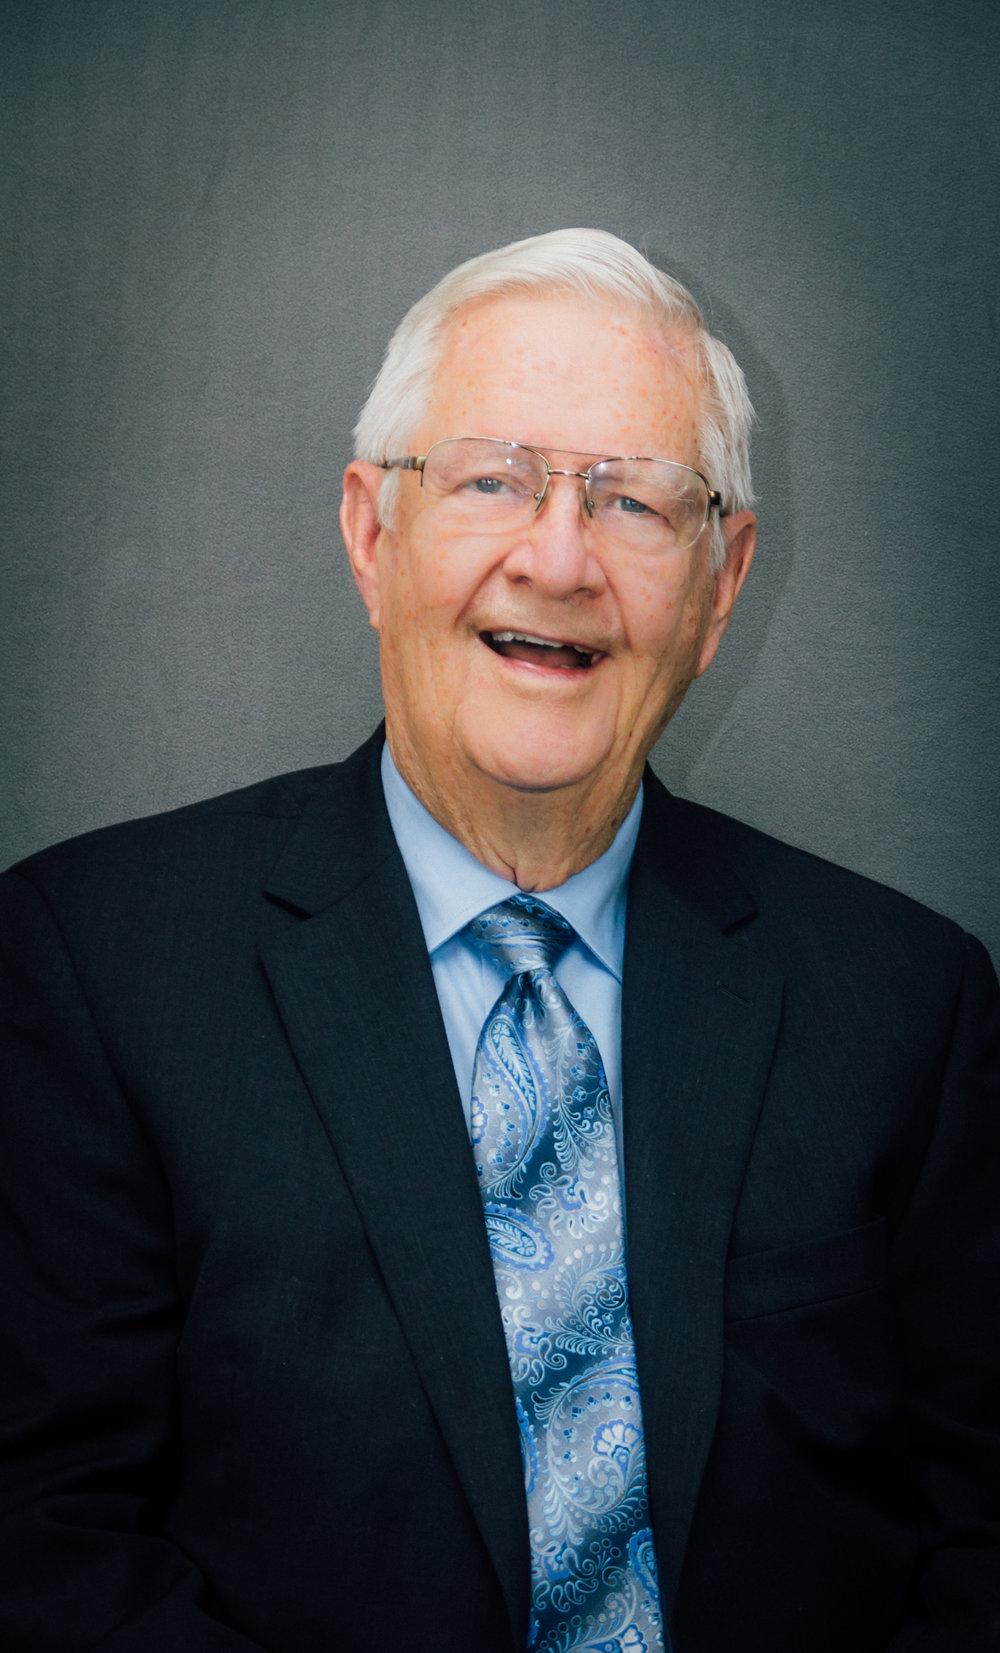 Bill Bittner